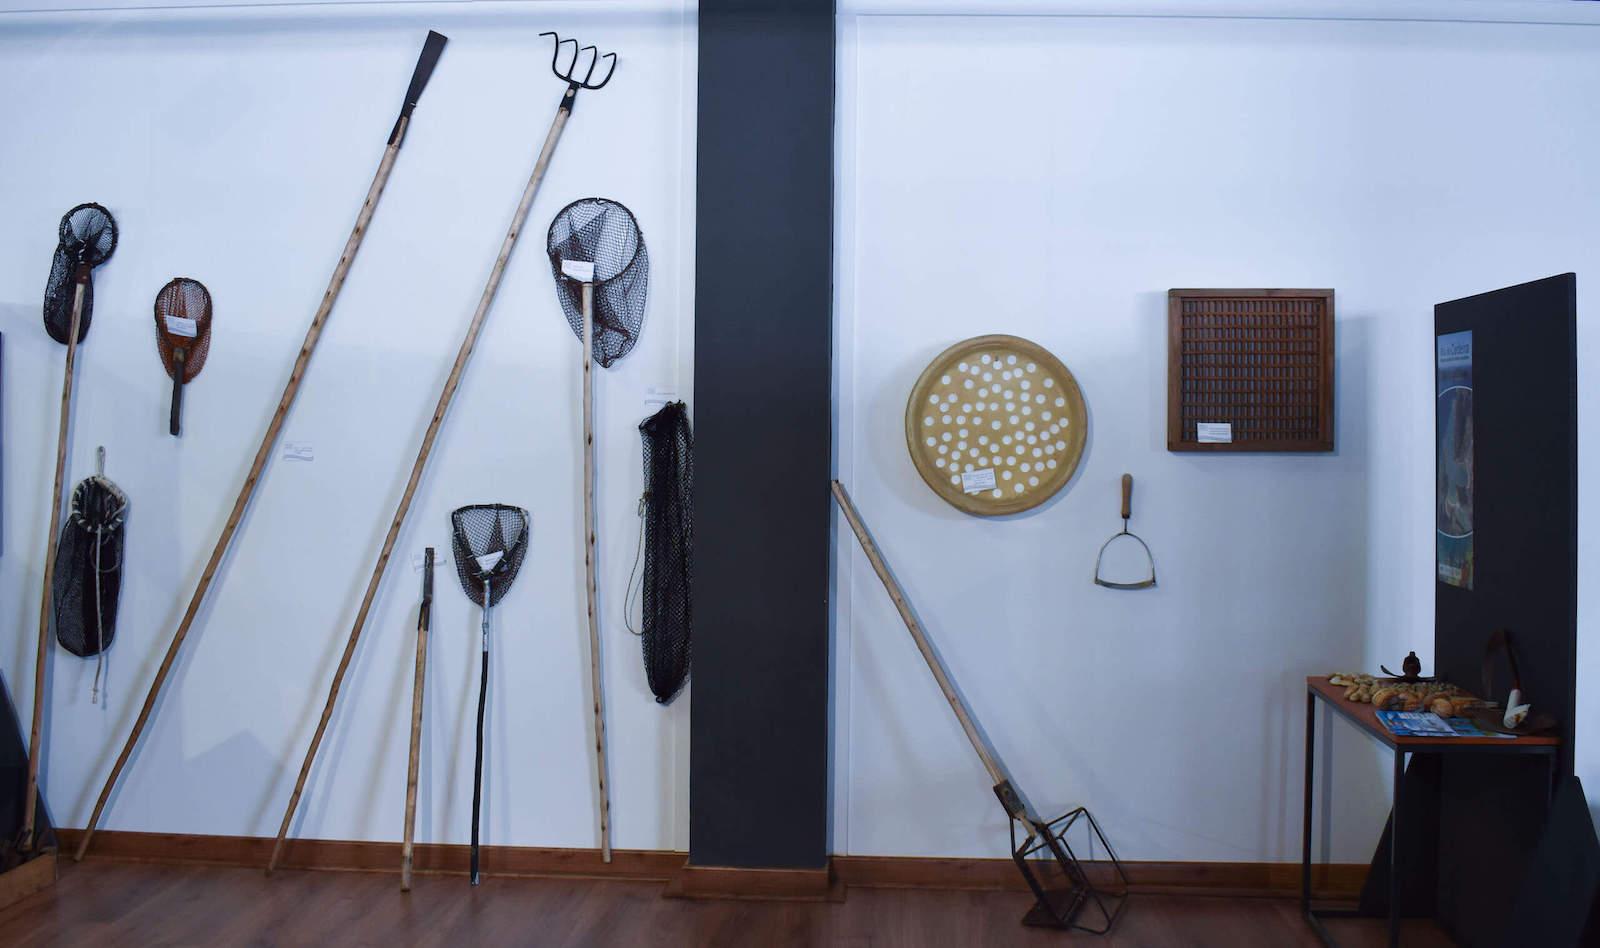 Ejemplo de herramientas para Marisqueo - Sala de Marisqueo